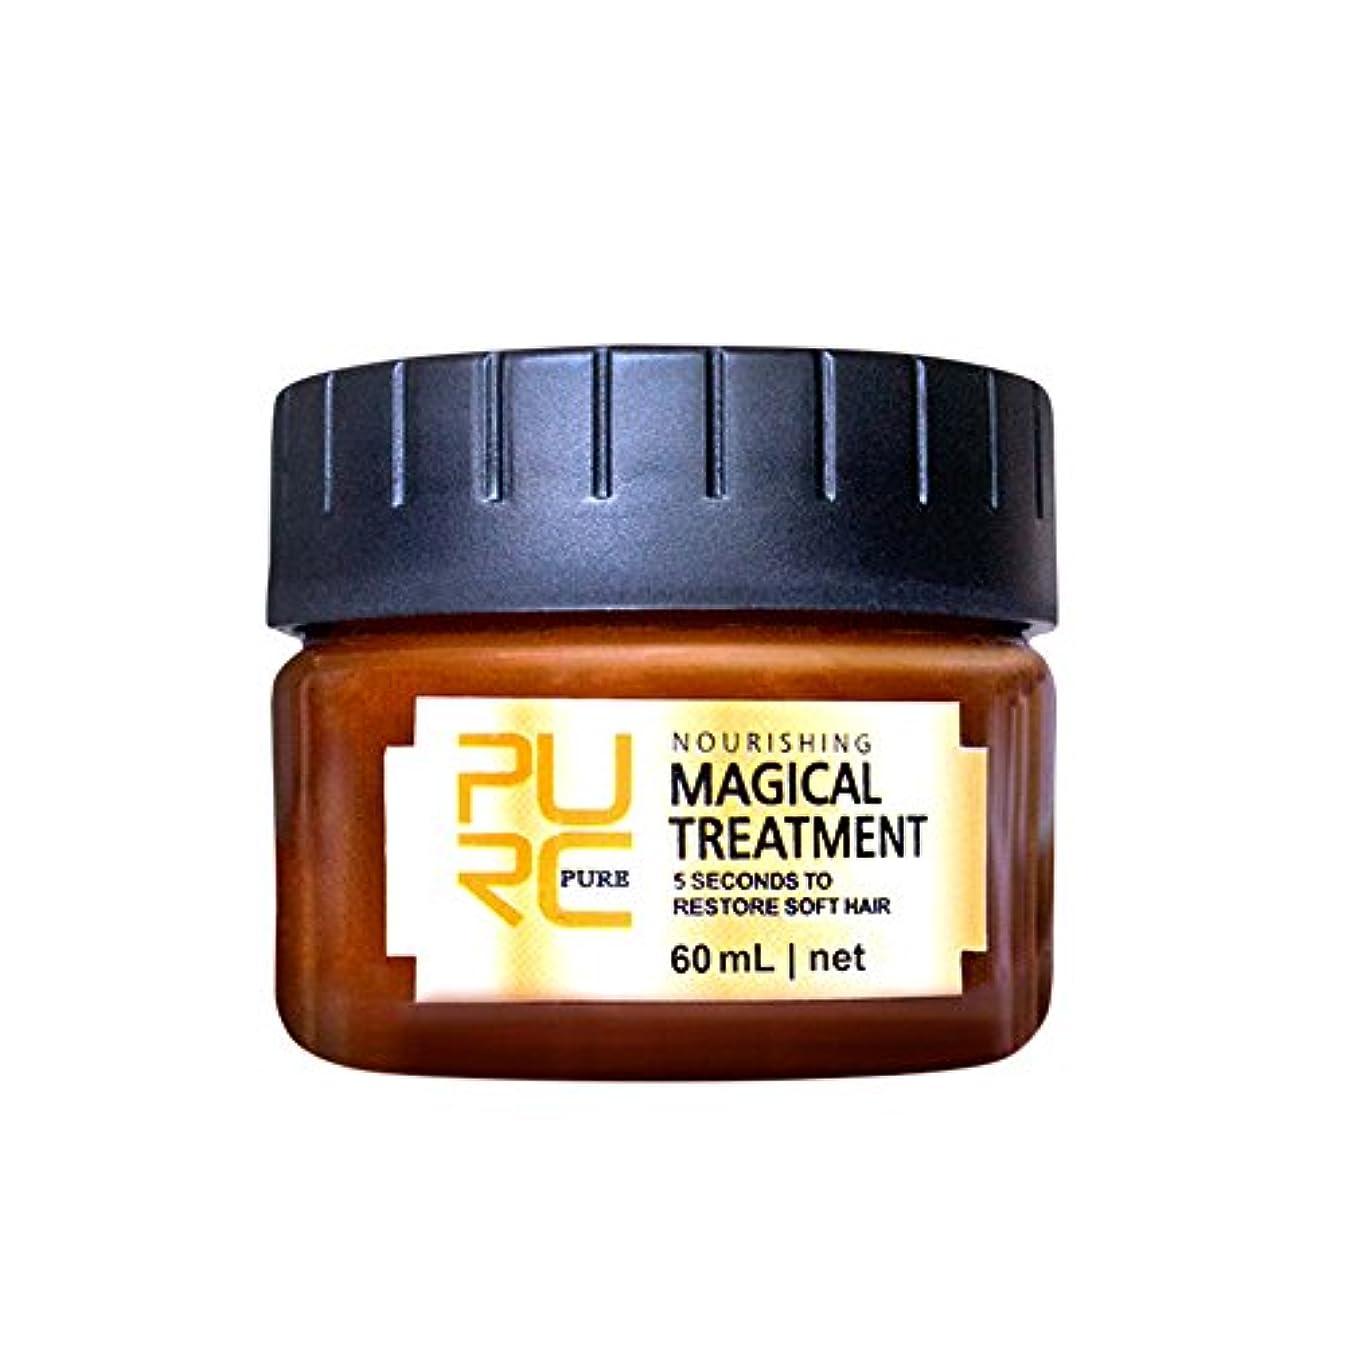 割り込み糸耐えるヘアトリートメント ディープリペア軟膏マスク 髪の栄養素を補う 角質層の保護を強化する 乾燥した髪に適しています 髪を柔らかくつやつやに保ちます 60ml / 120ml (B 60 ml)